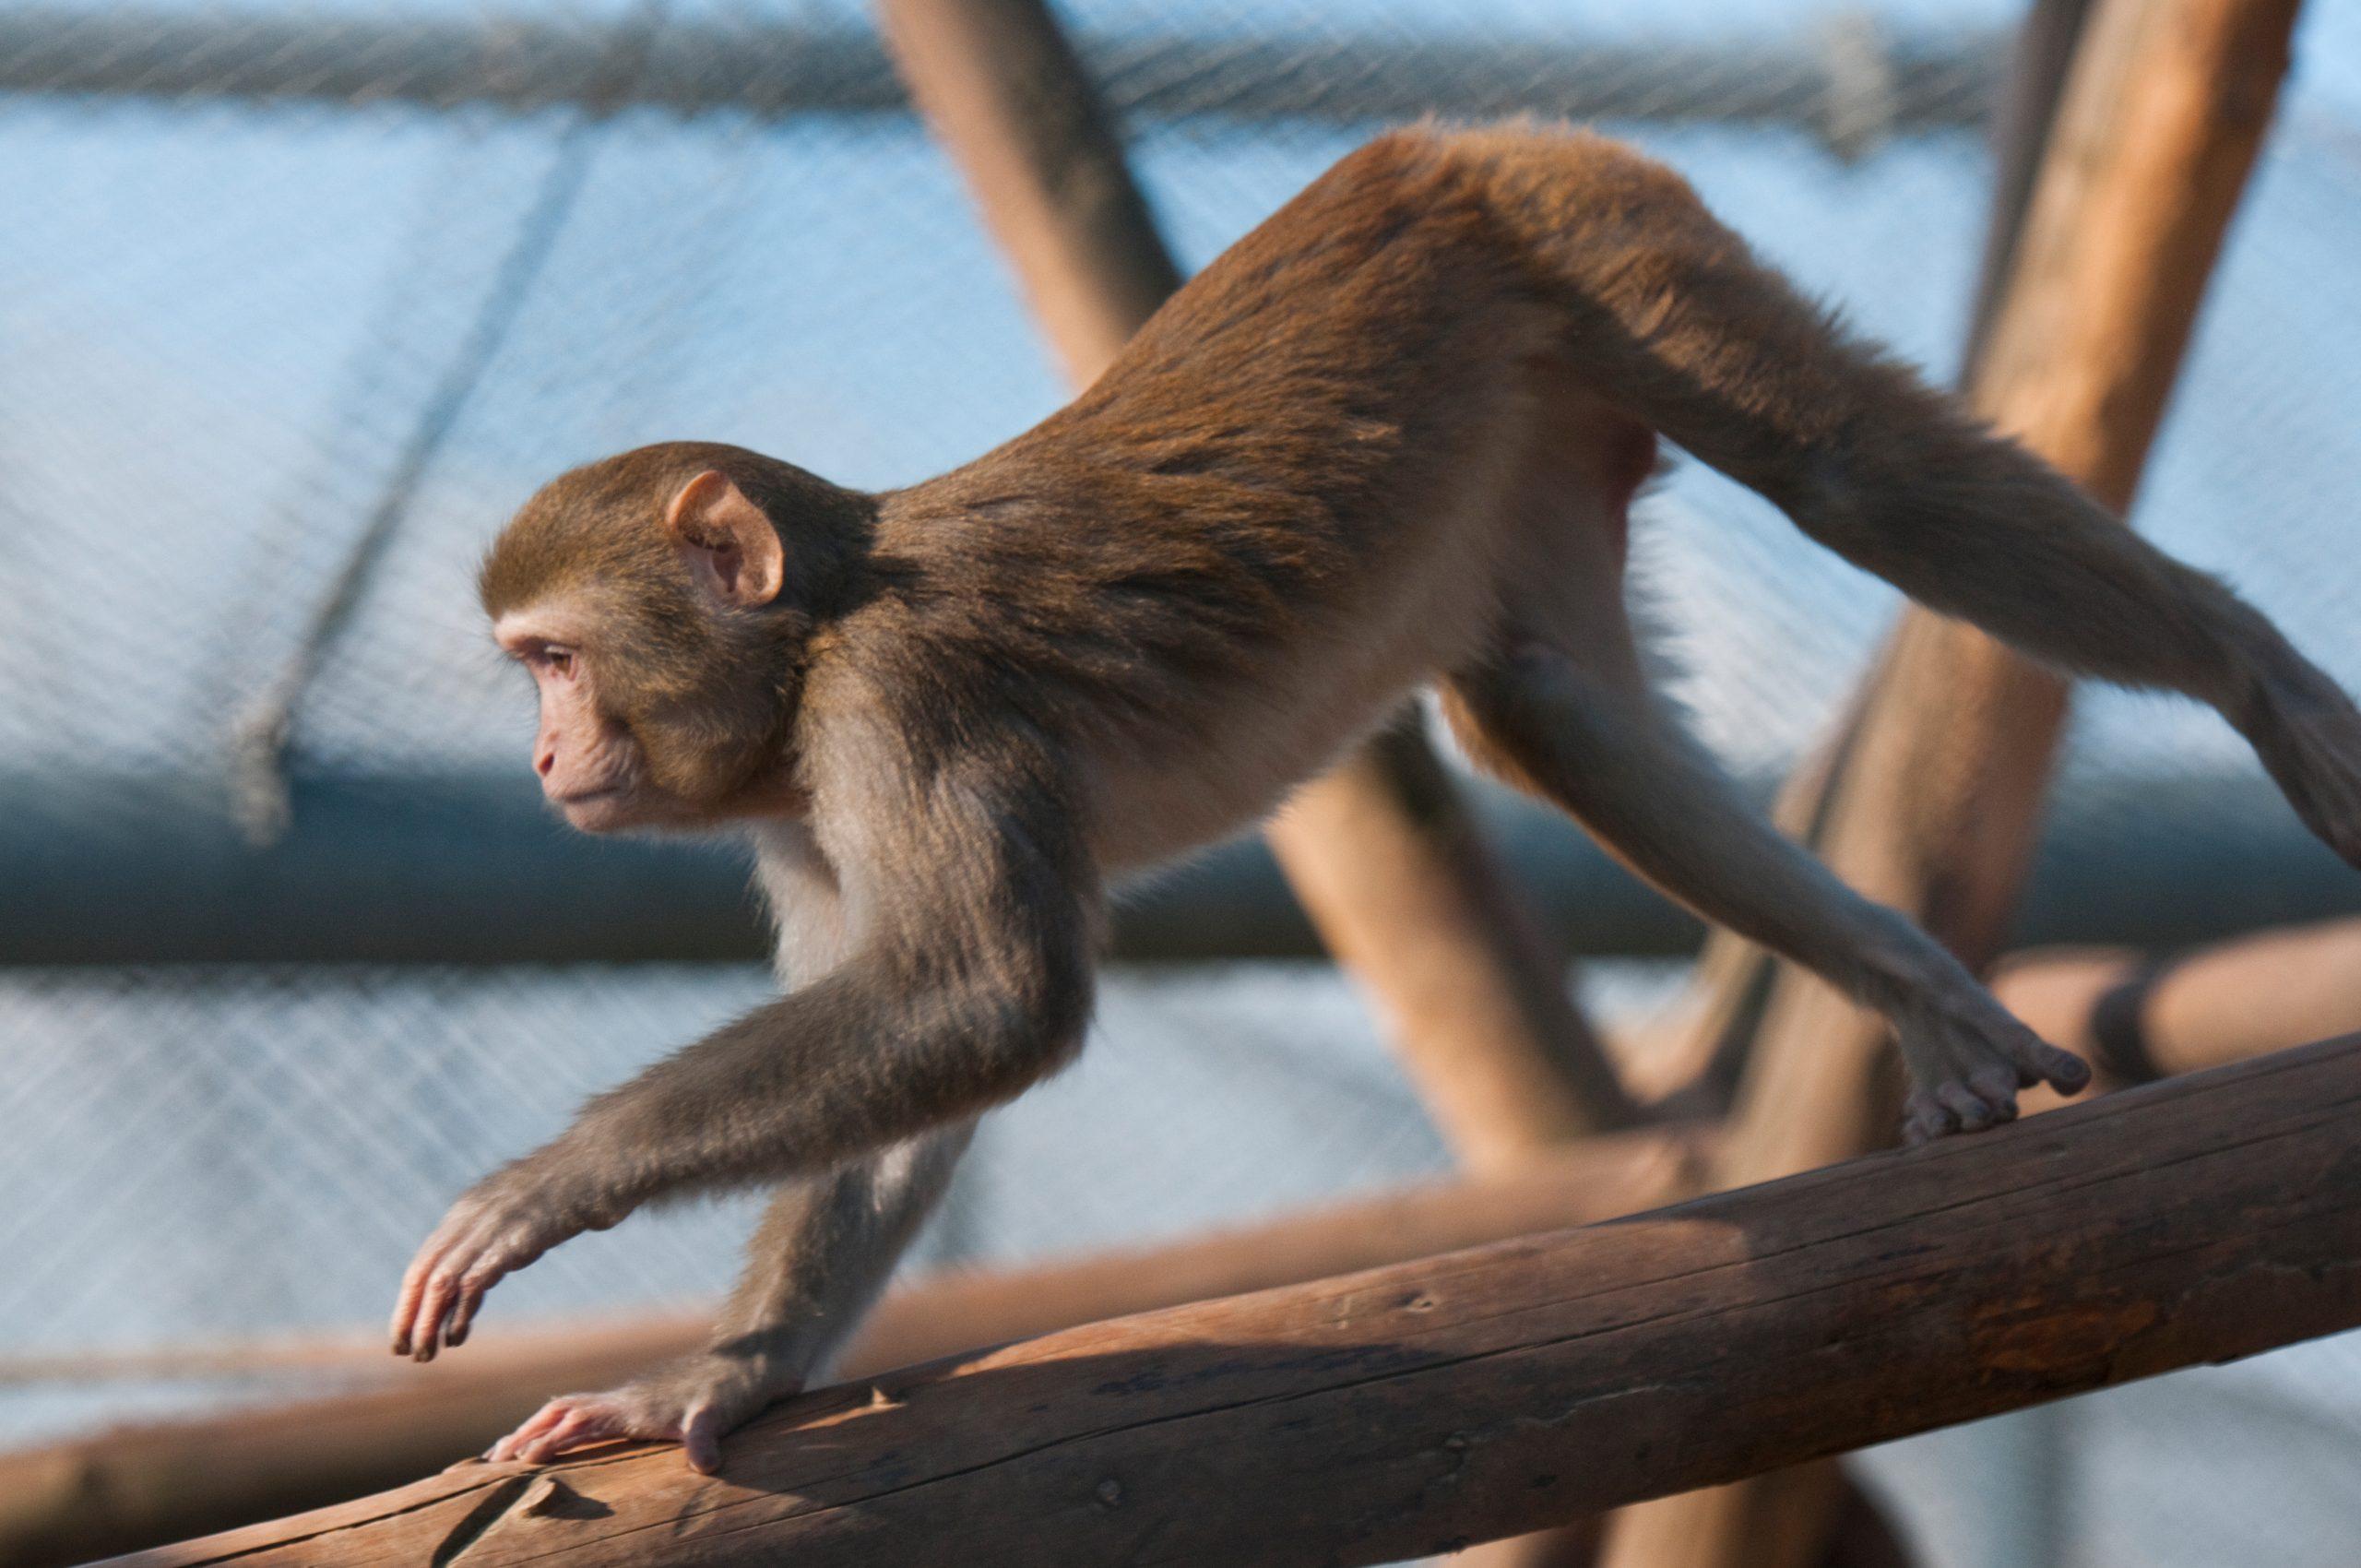 Rhesusaffen (Macaca mulatta) im Außengehege des DPZ